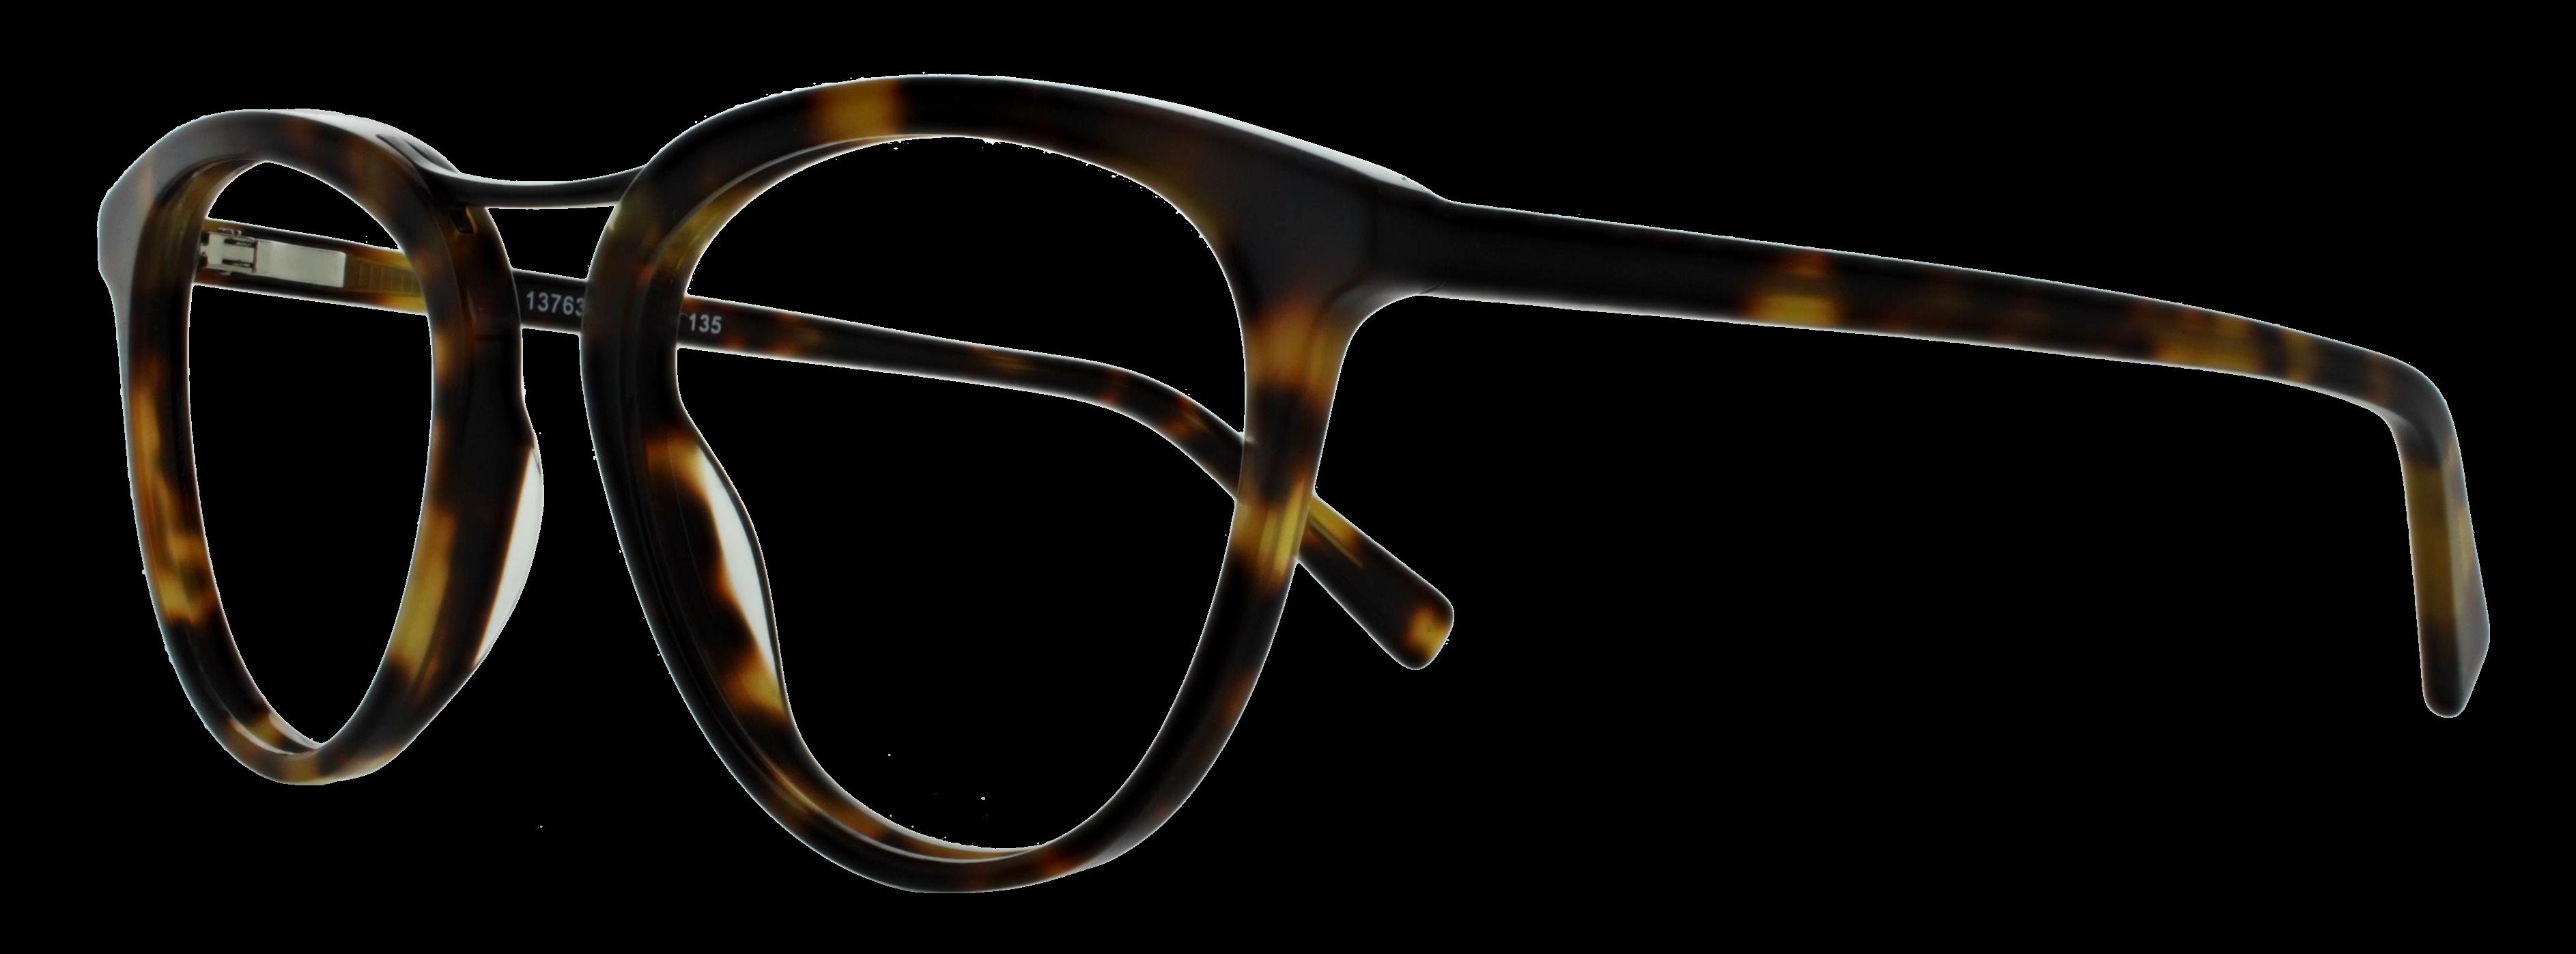 abele optik Brille 137631